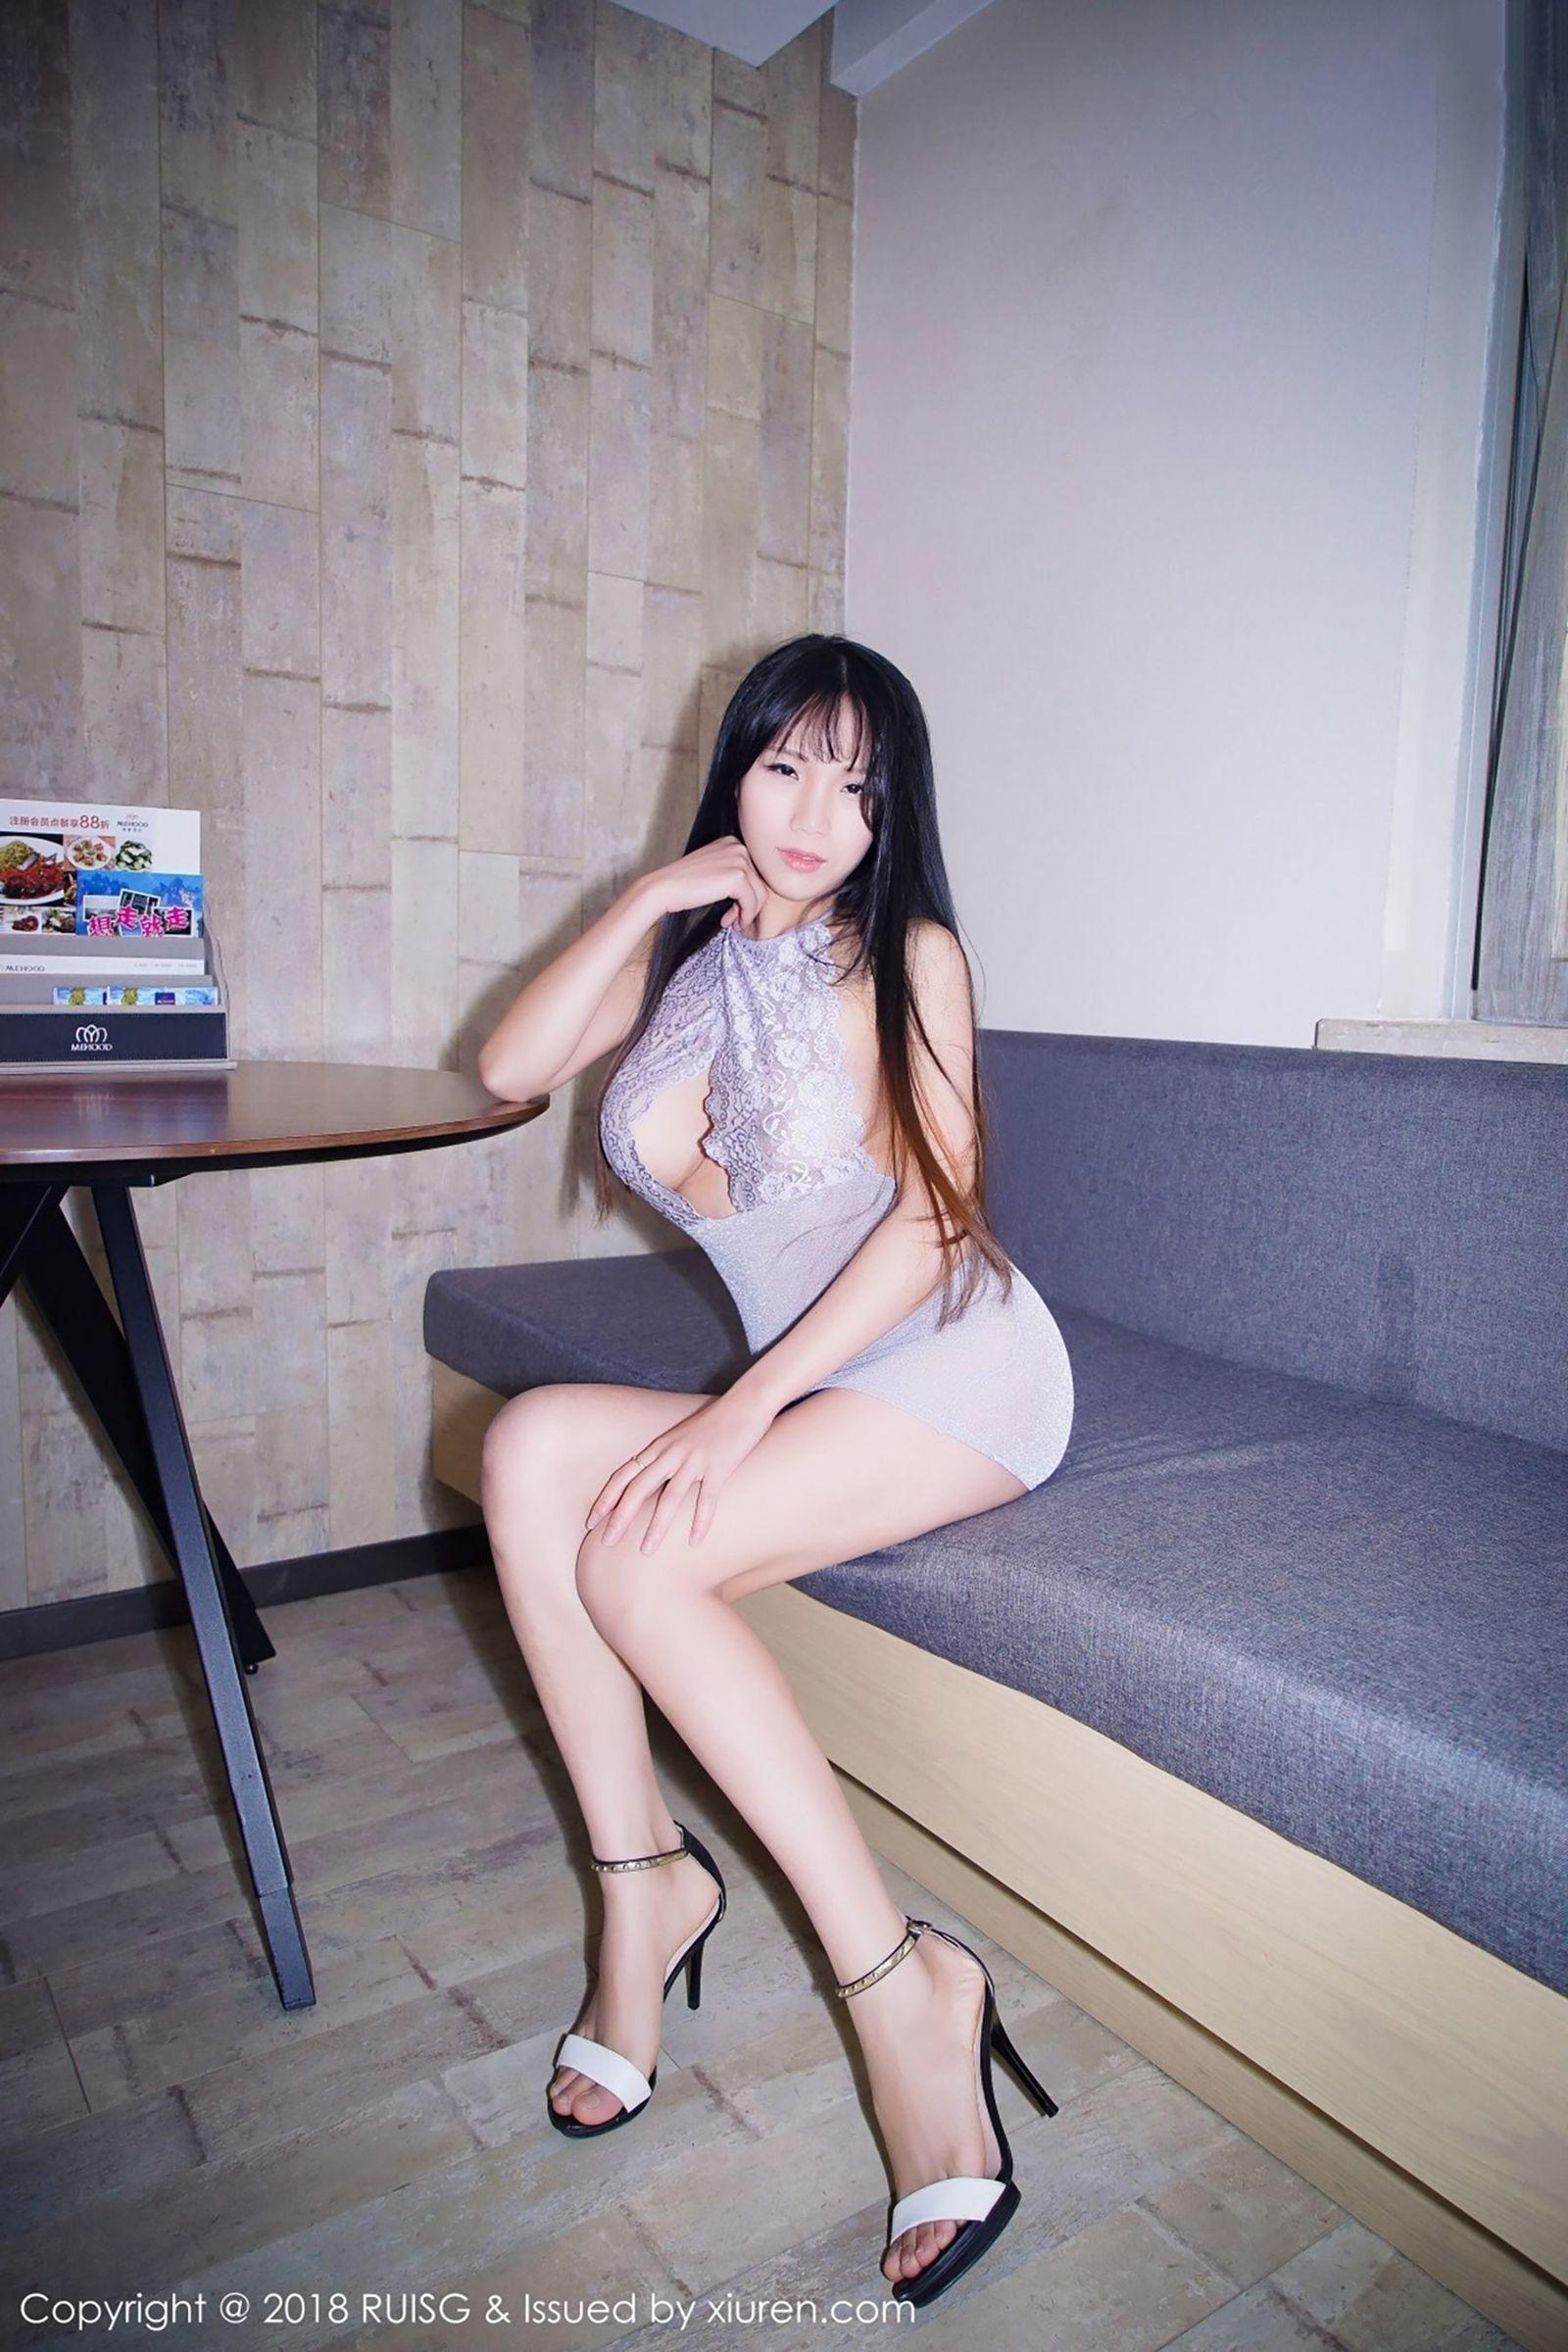 [RUISG瑞丝馆] Vol.056 李可可 - 蕾丝镂空半透内衣装扮